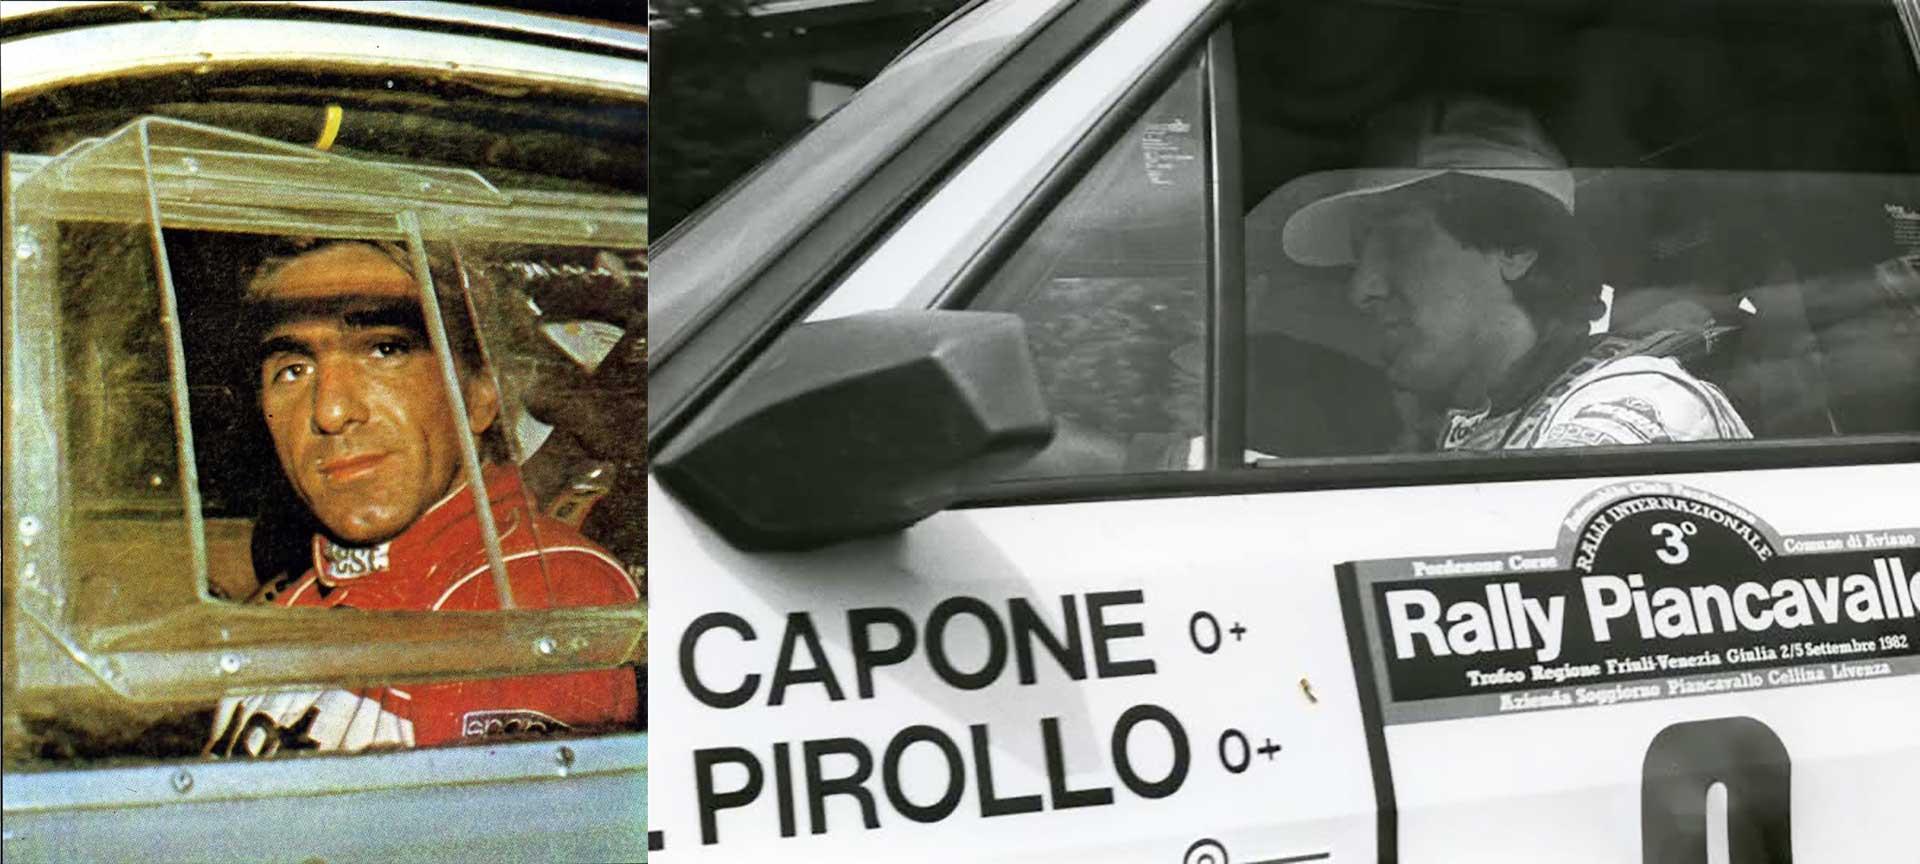 Carlo Capone